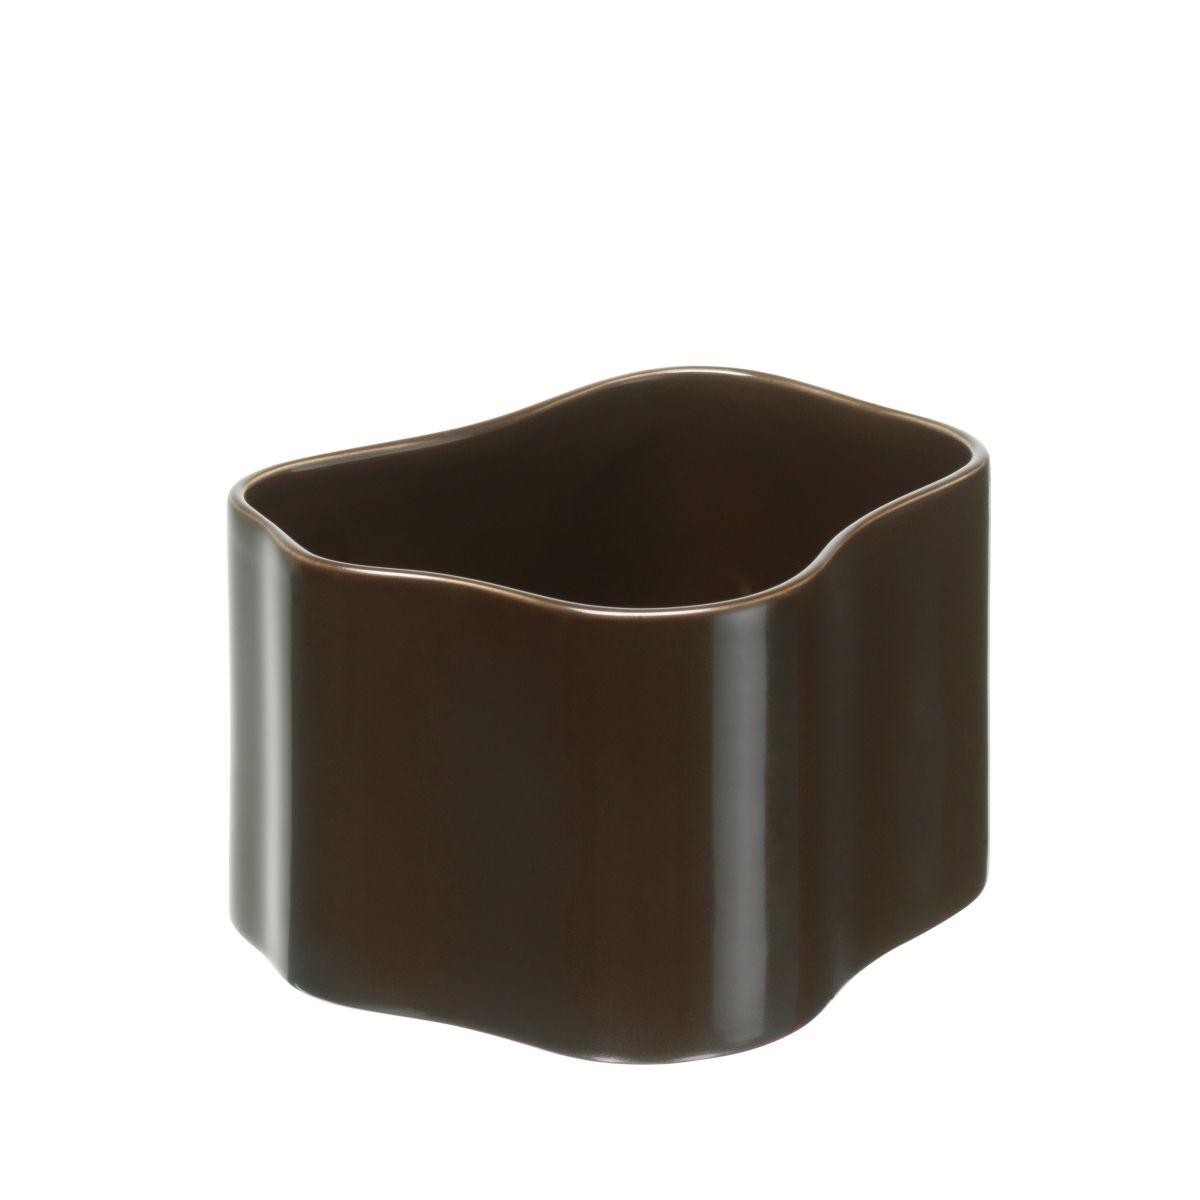 Plant-Pot-Shape-B-Size-S-Dark-Brown-Gloss_F-1958481